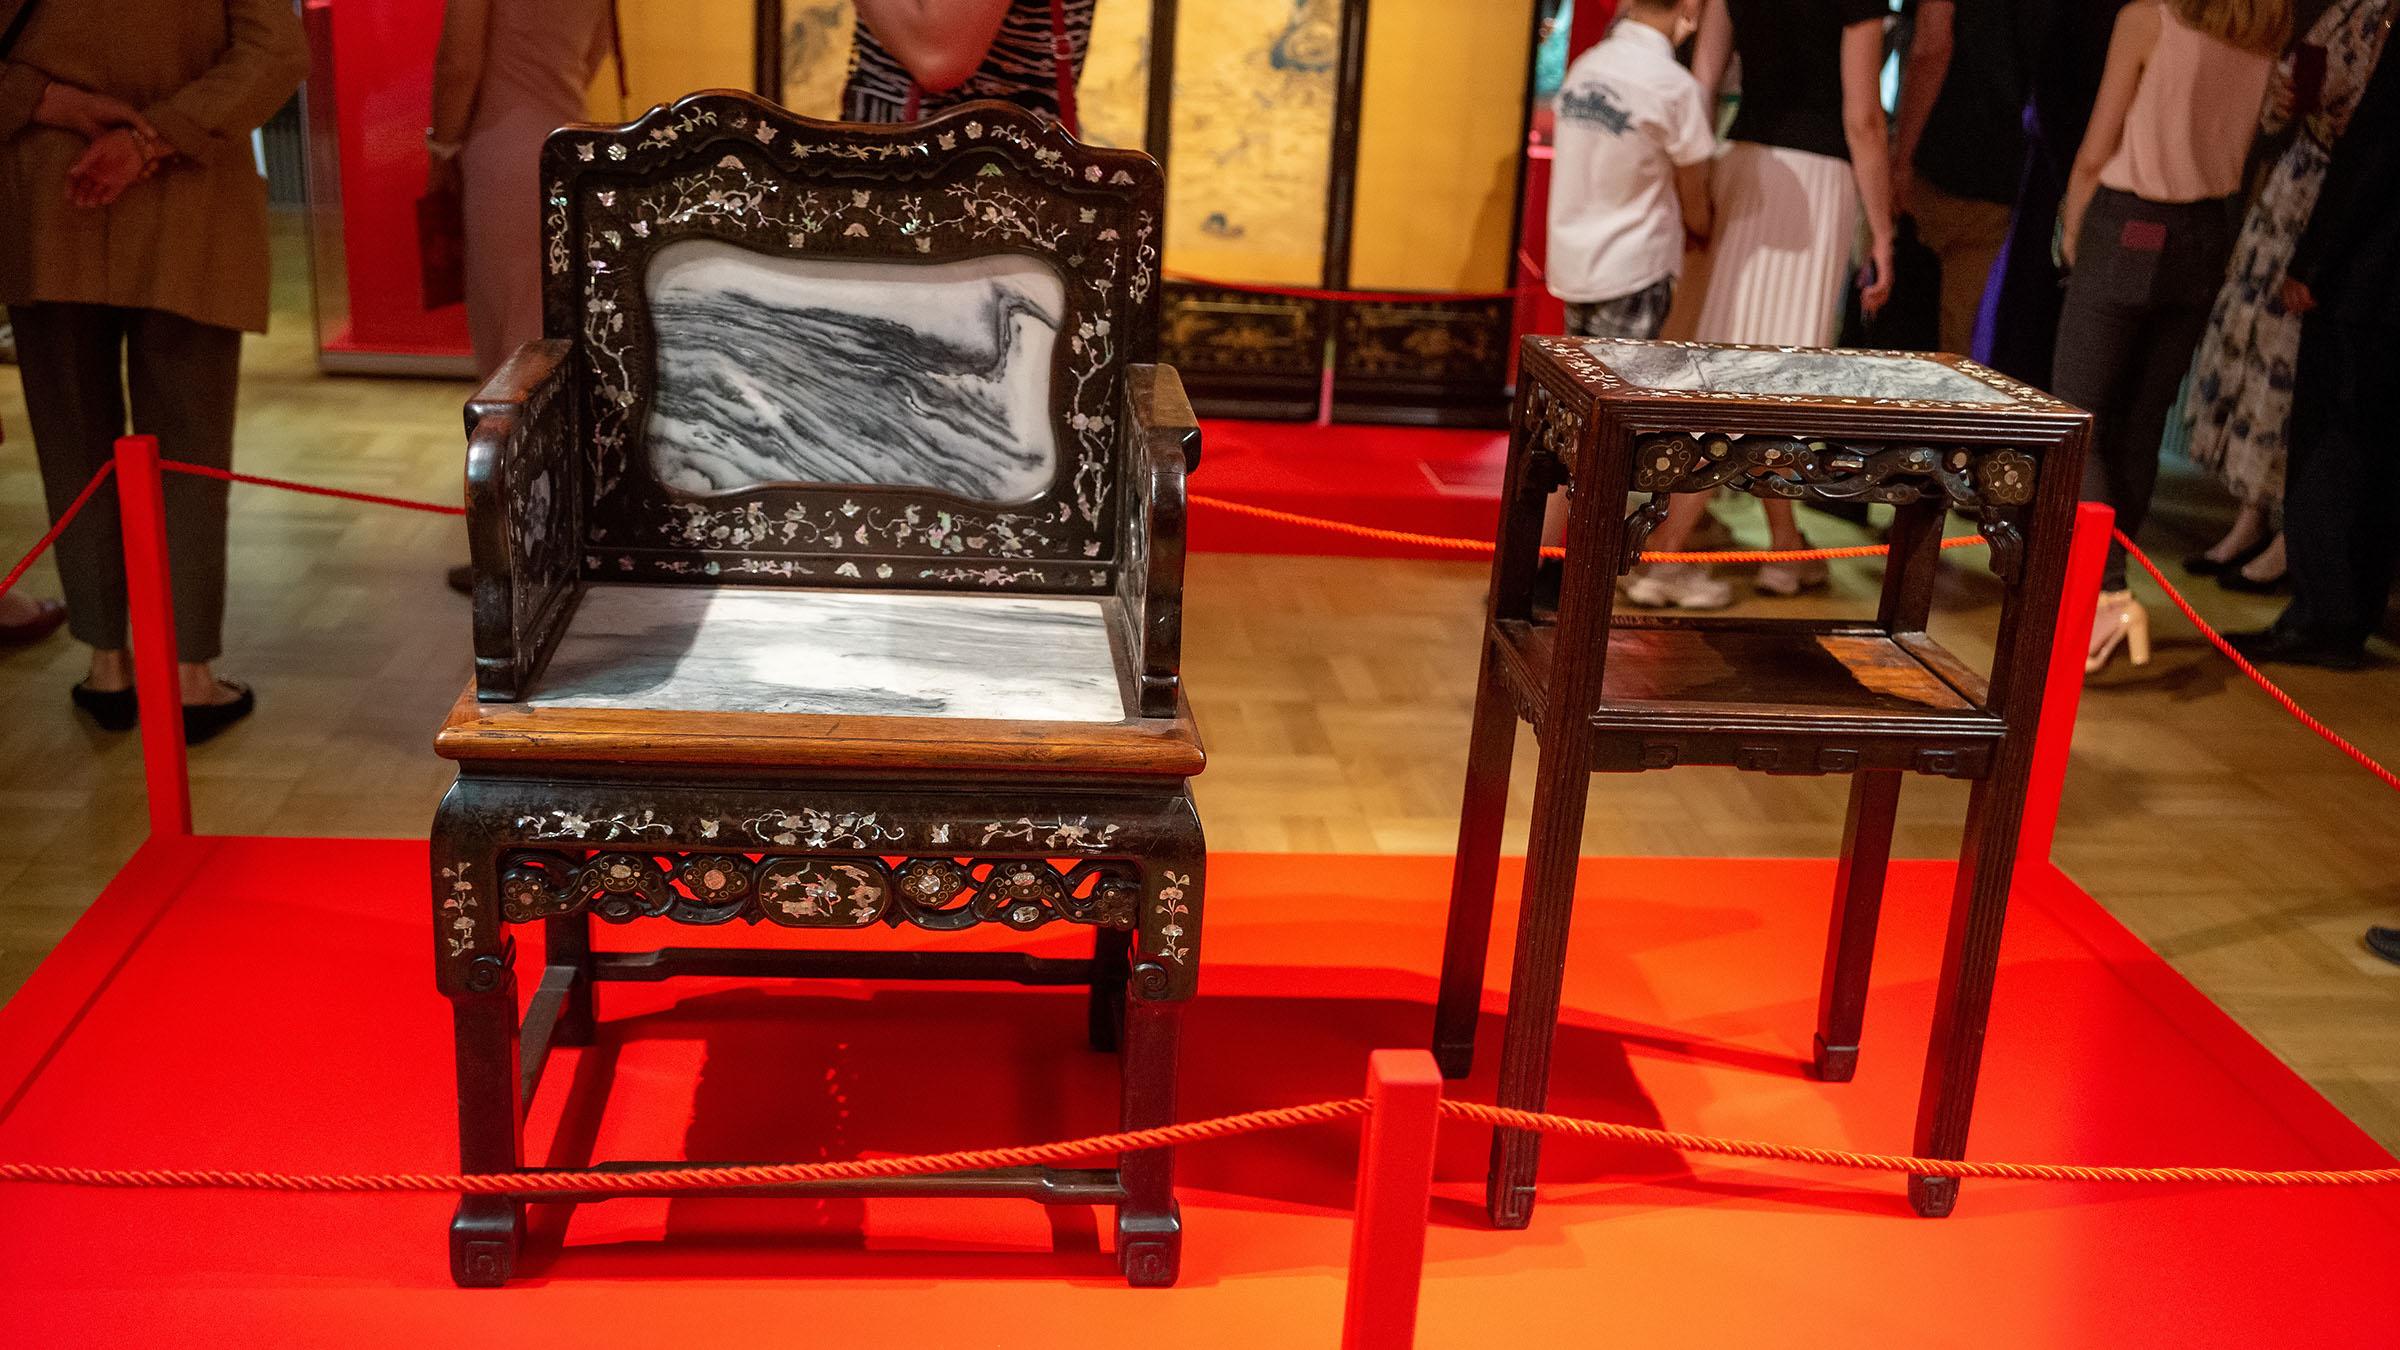 Кресло с орнаментом в виде веток цветущей сливы.../Столик с орнаментом в виде веток цветущей сливы::Пять символов счастья. Выставка Государственного Эрмитажа